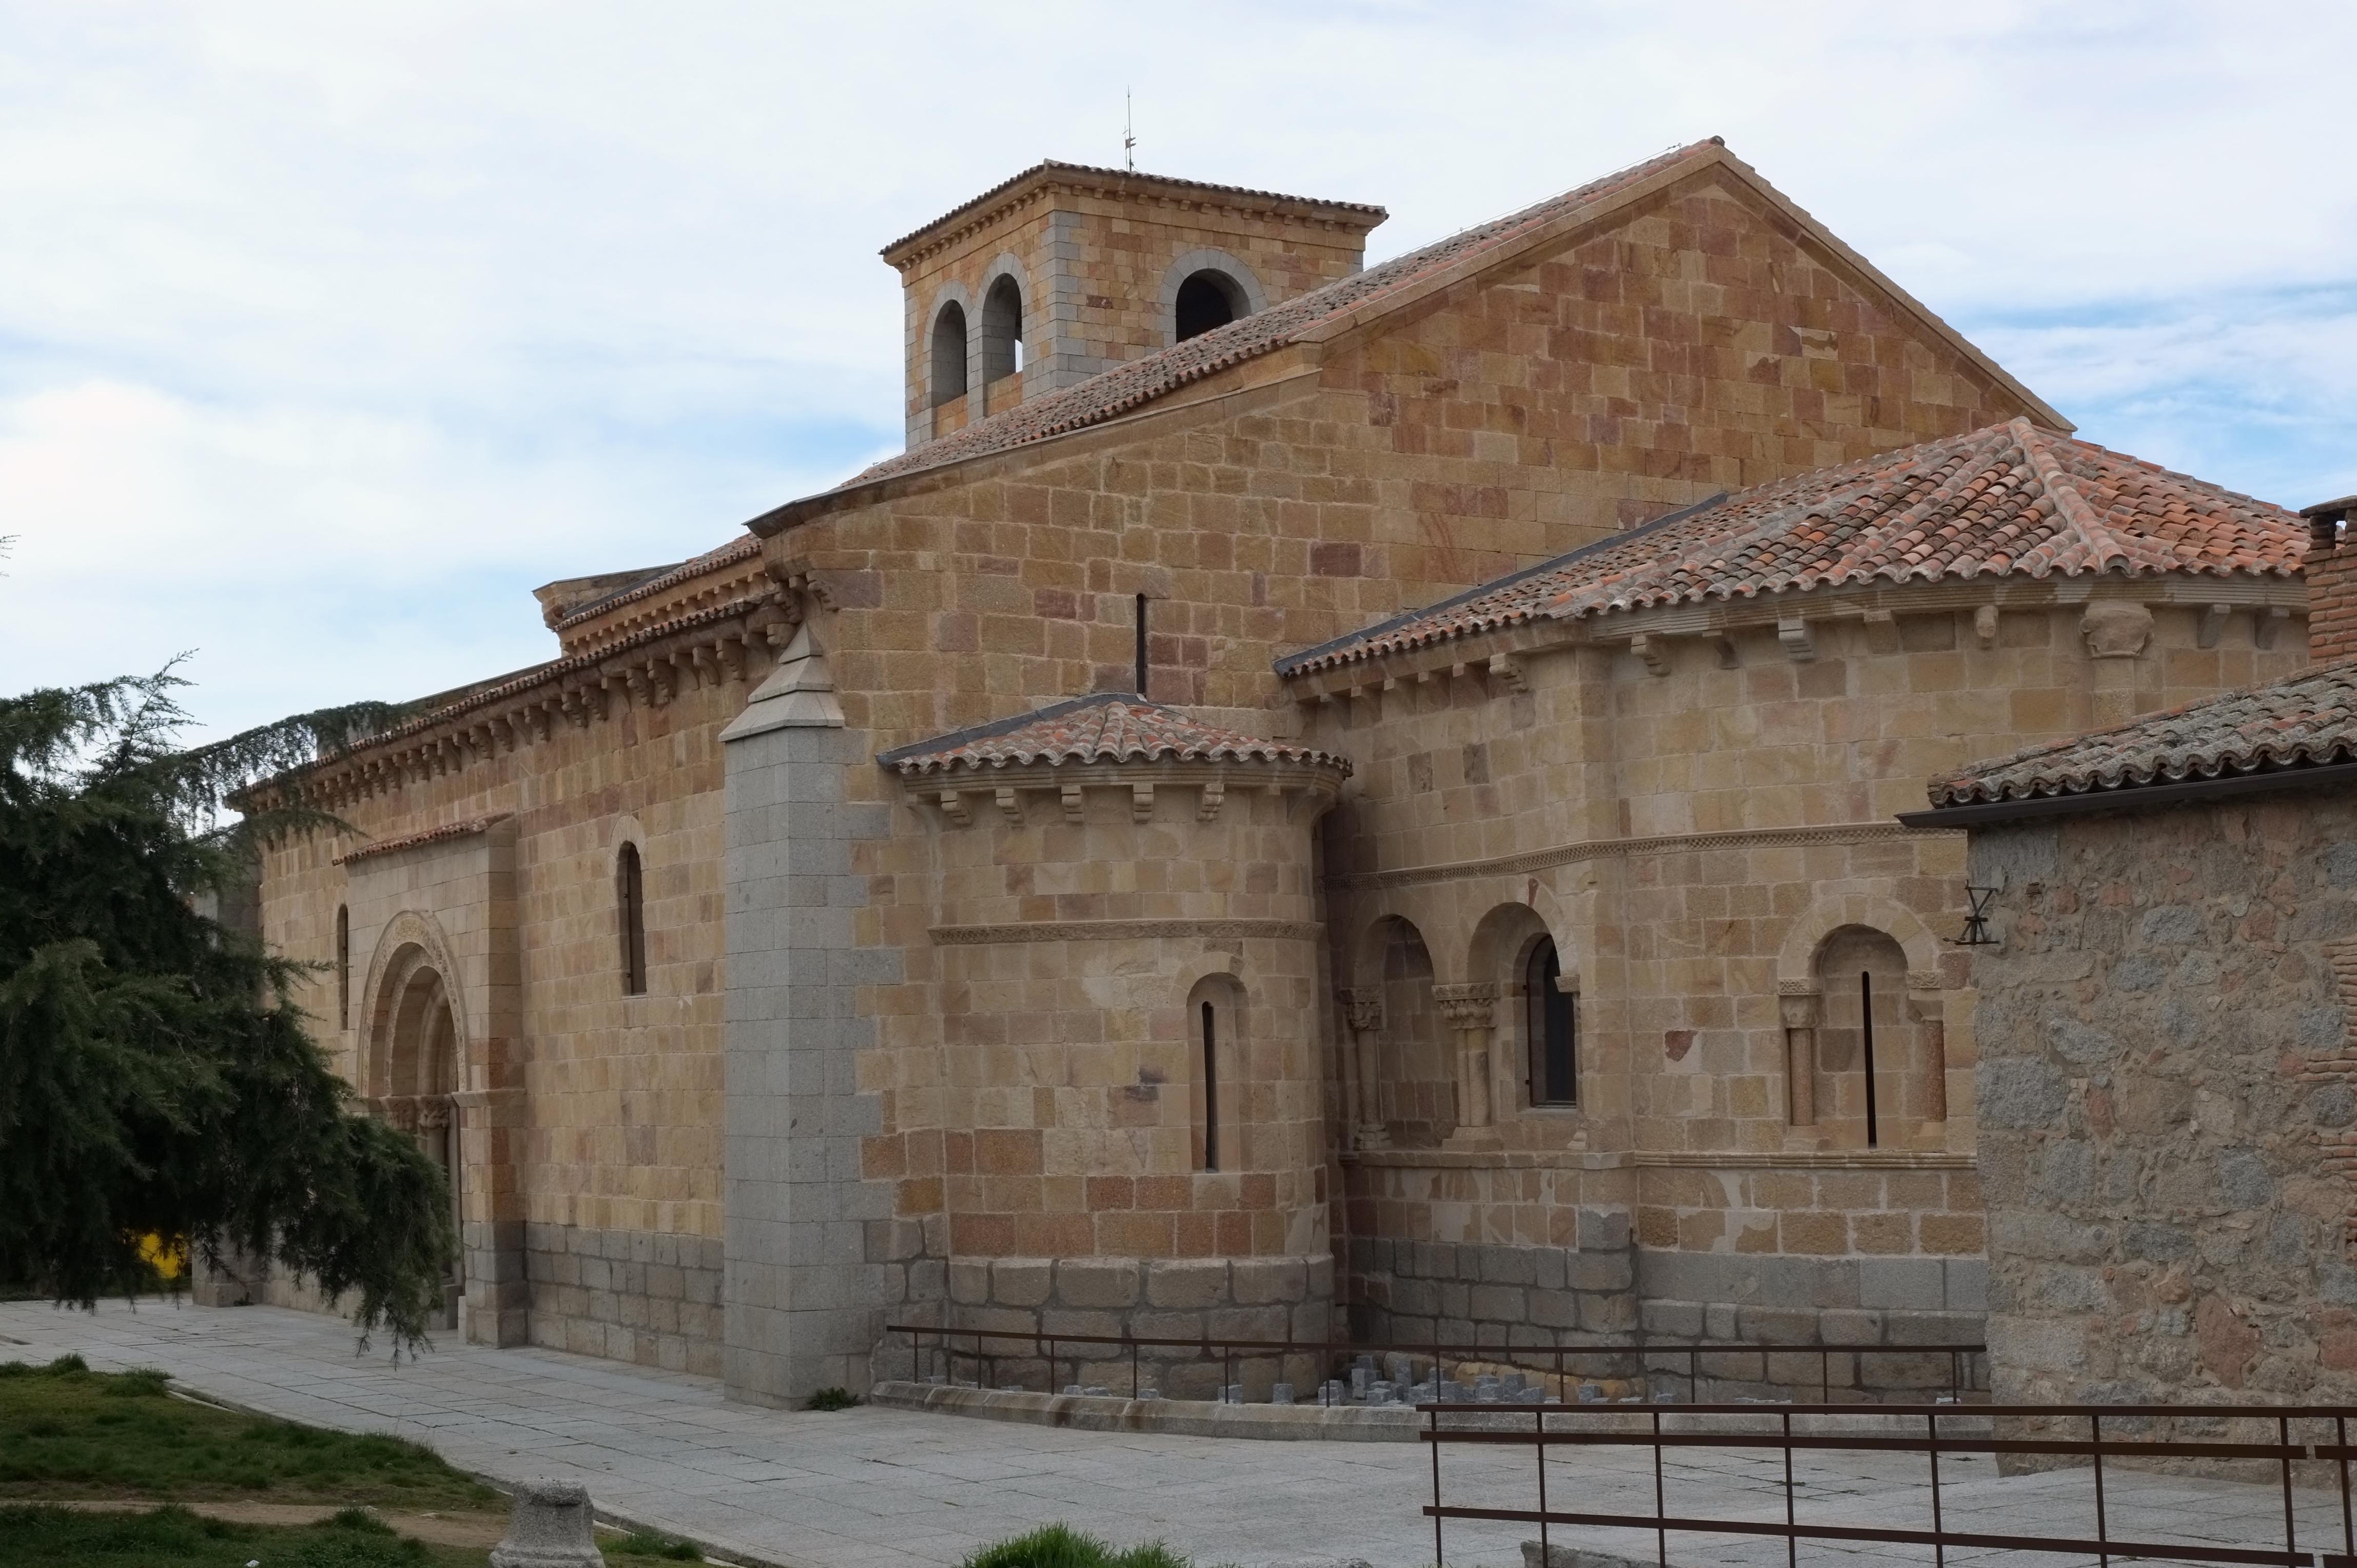 Iglesia de San Andrés (Ávila) - Wikipedia, la enciclopedia libre